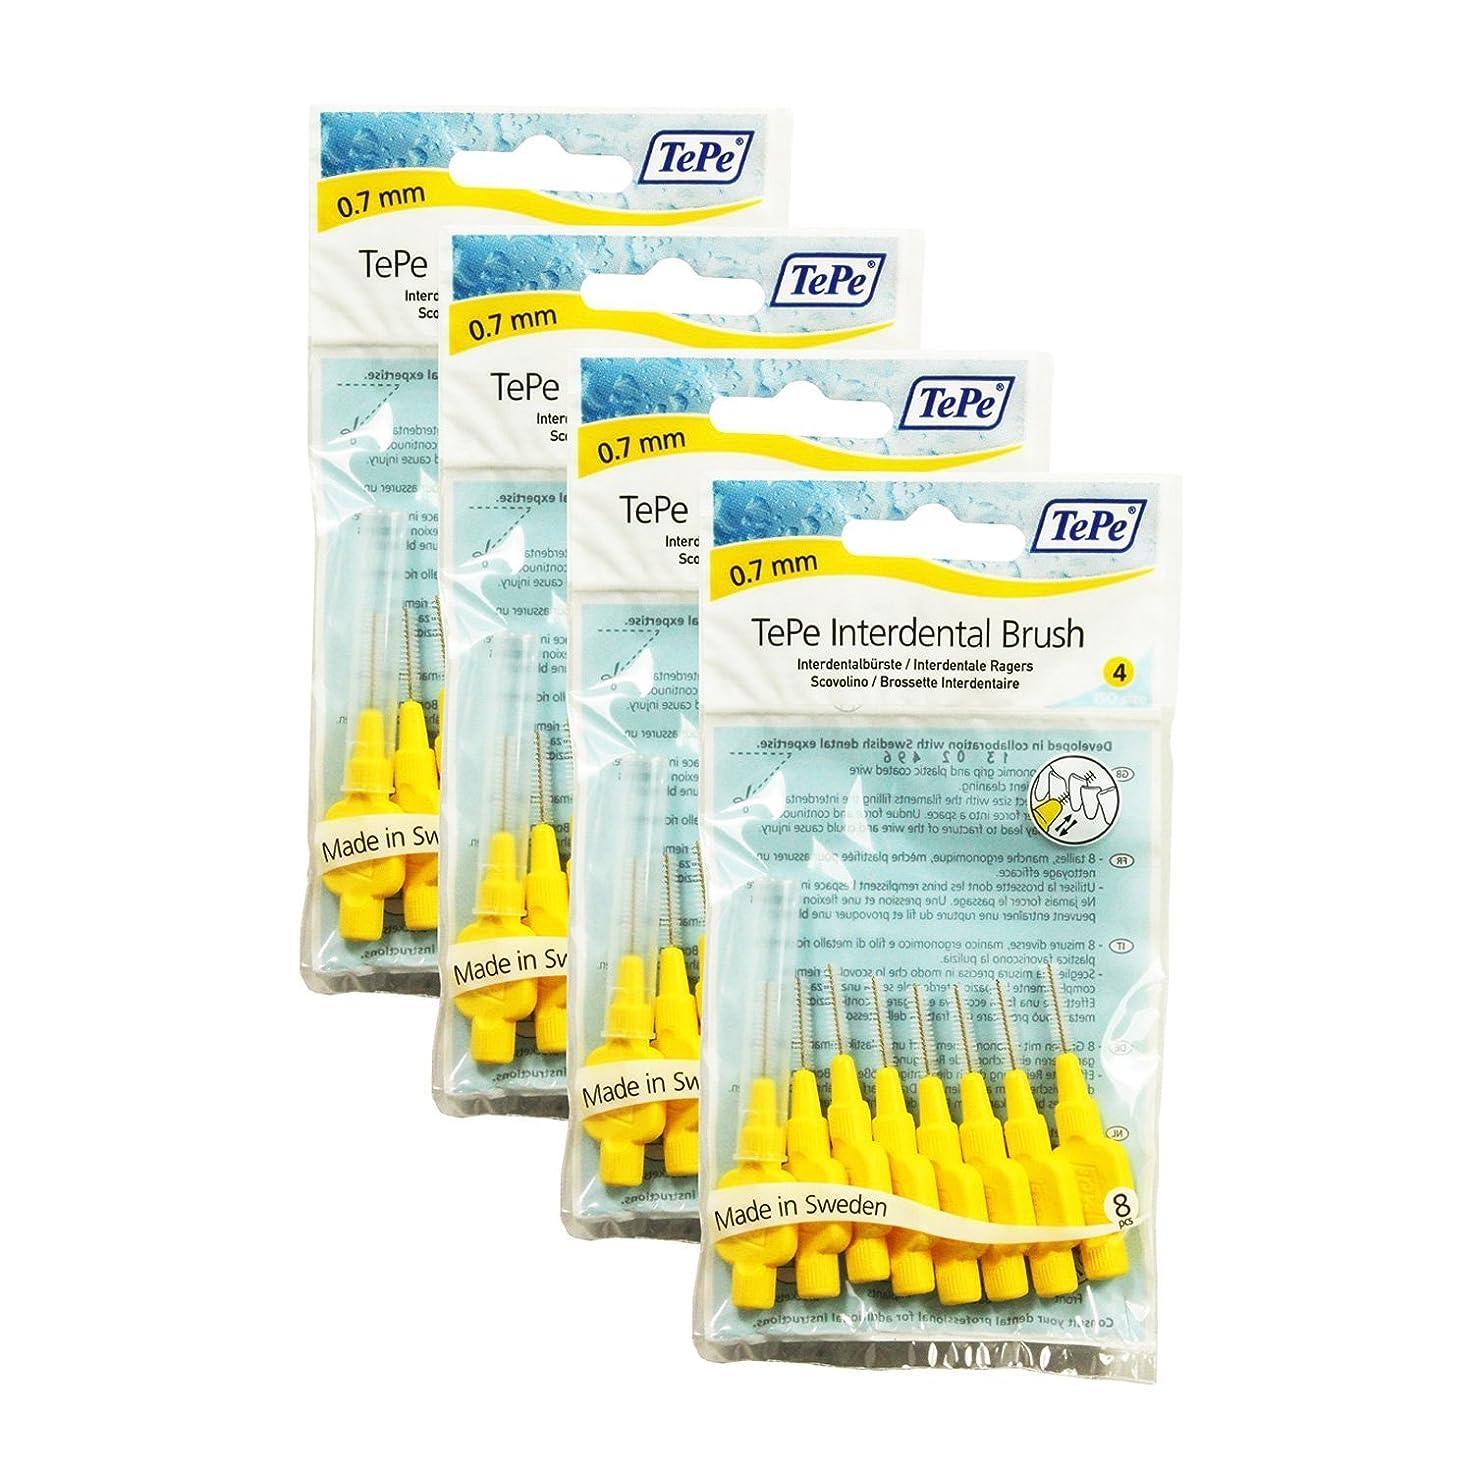 思春期の砂危険なTePe Interdental Brushes 0.7mm Yellow - 4 Packets of 8 (32 Brushes) by TePe